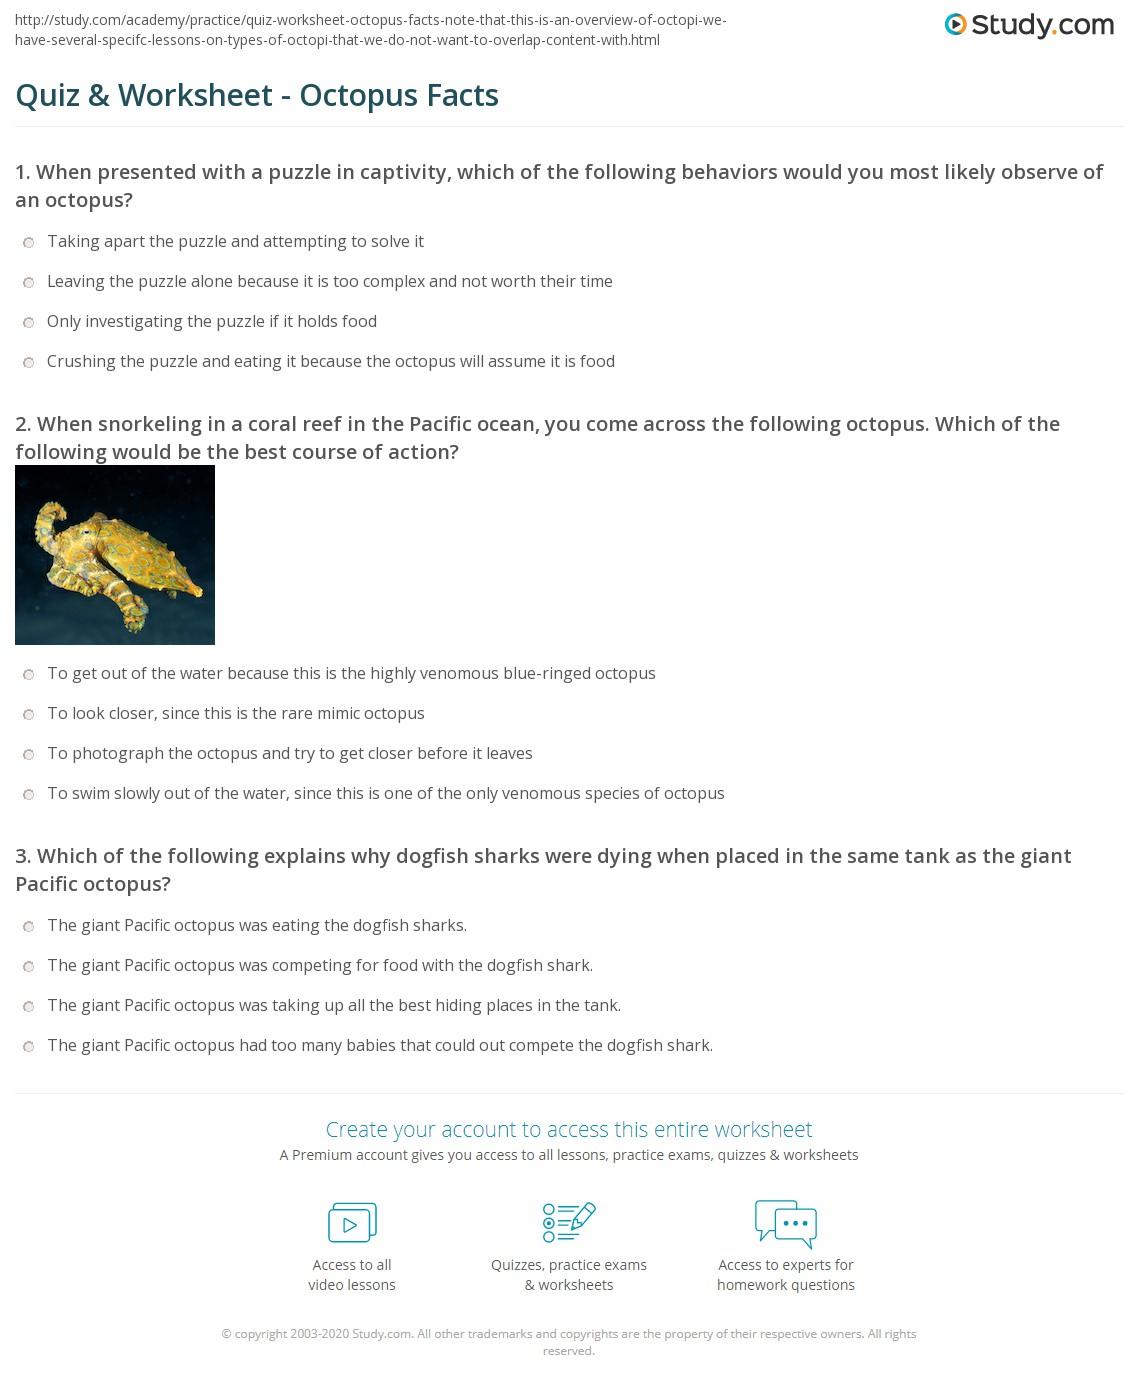 Quiz & Worksheet - Octopus Facts | Study.com